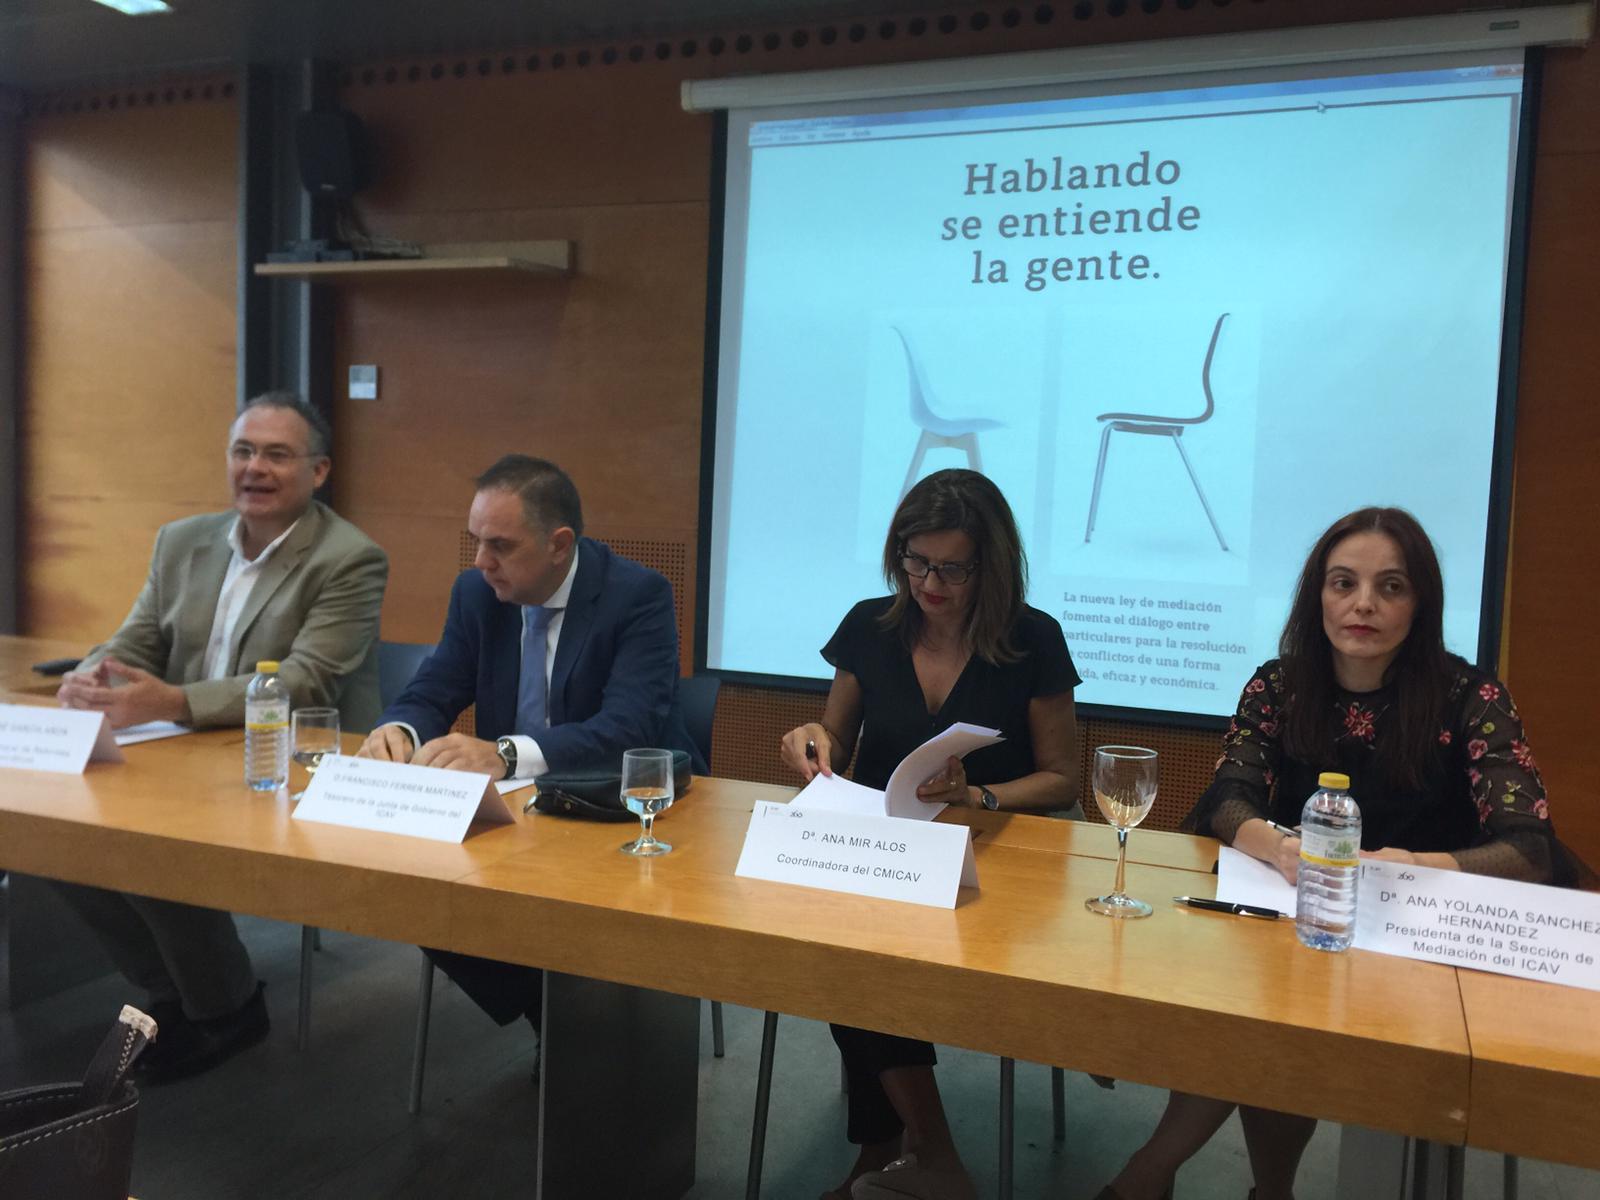 UN RAYO DE ESPERANZA: SUBVENCIONES PARA LA MEDIACIÓN INTRAJUDICIAL GRATUITA